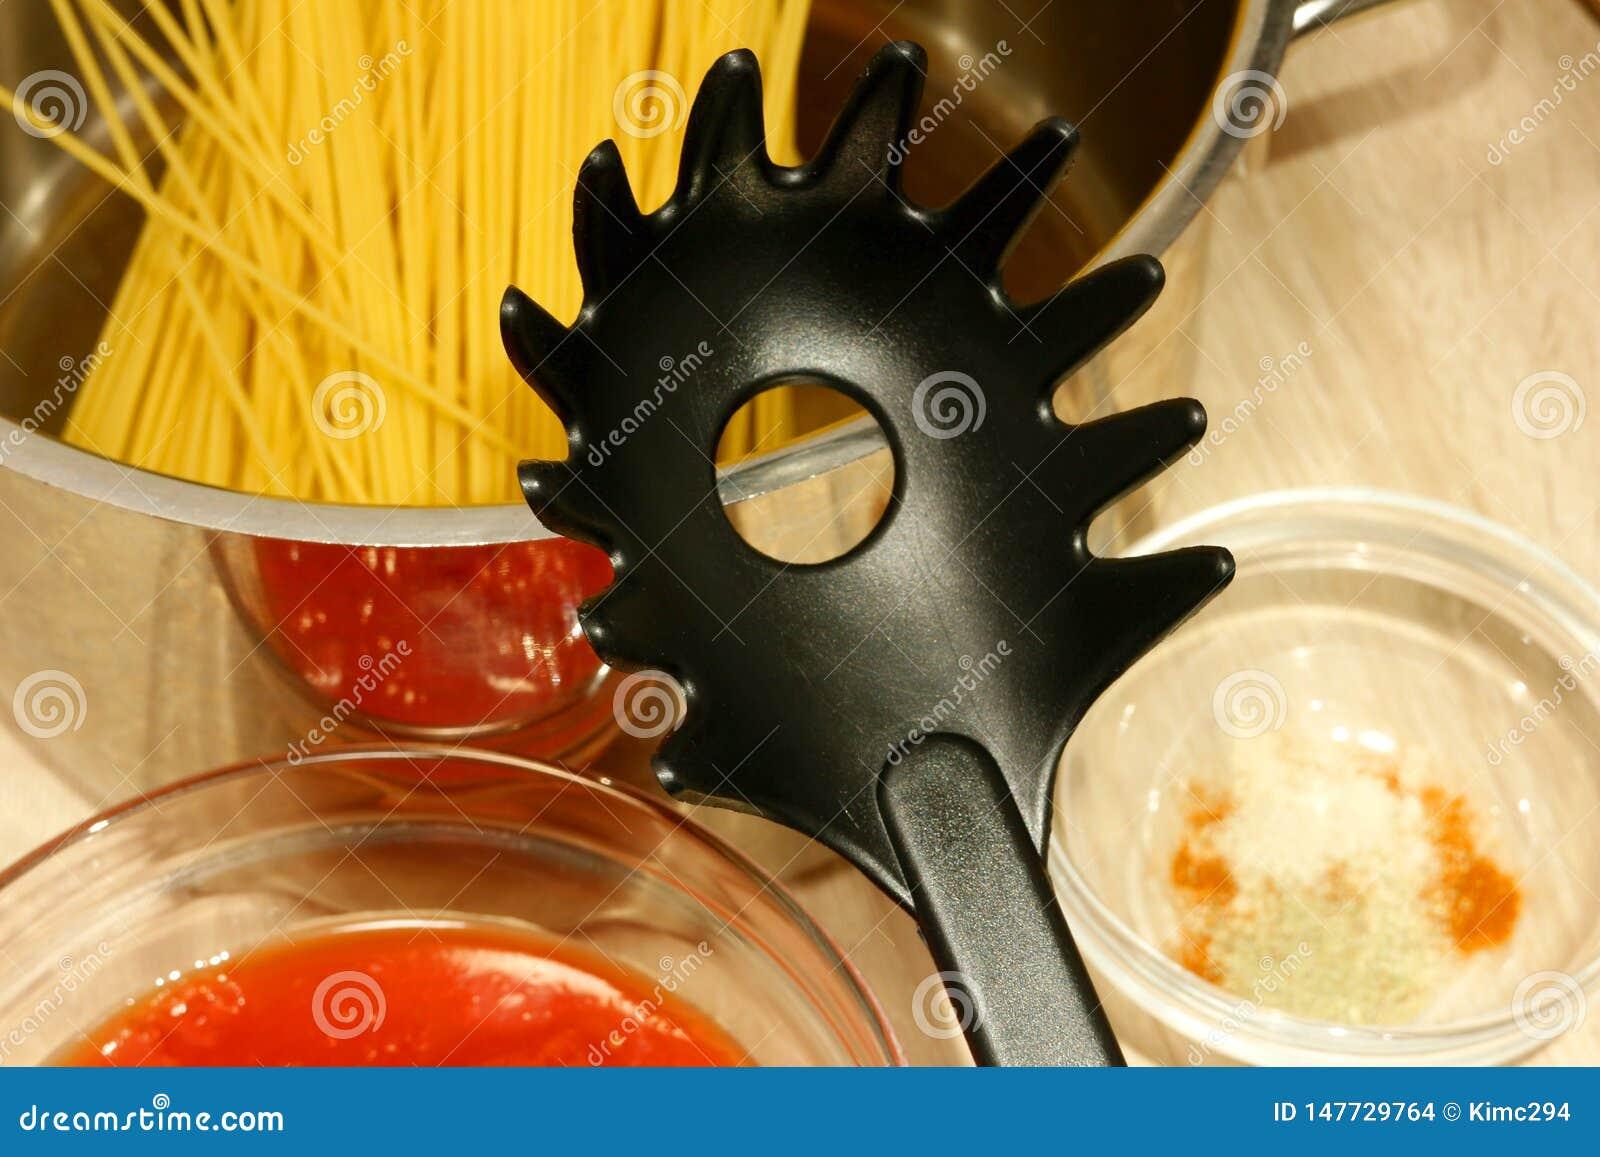 De plastic spaghettiserver ligt op de rand van een metaaldiesteelpan met ongekookt spaghettistro wordt gevuld